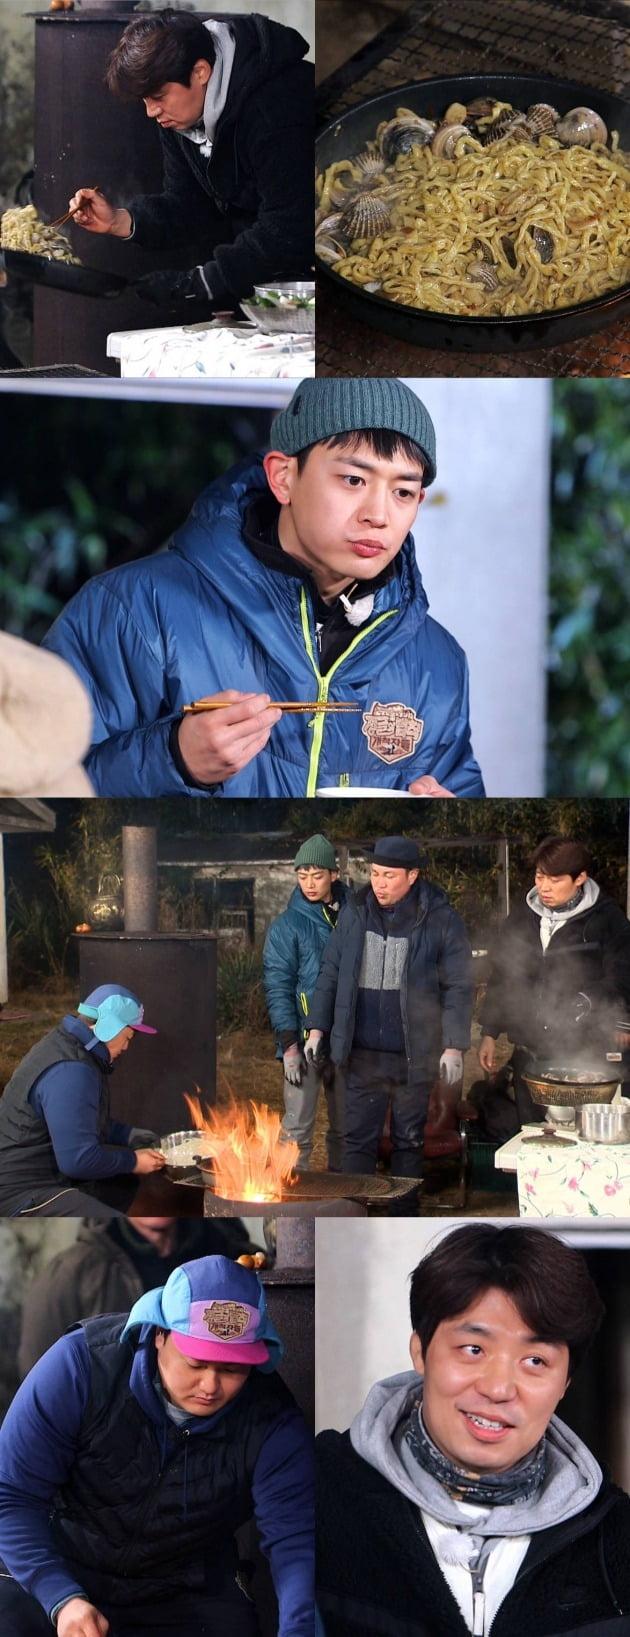 '정글의 법칙 개척자들'에서 송훈 셰프의 제철 식재료 한상이 공개된다. / 사진제공=SBS